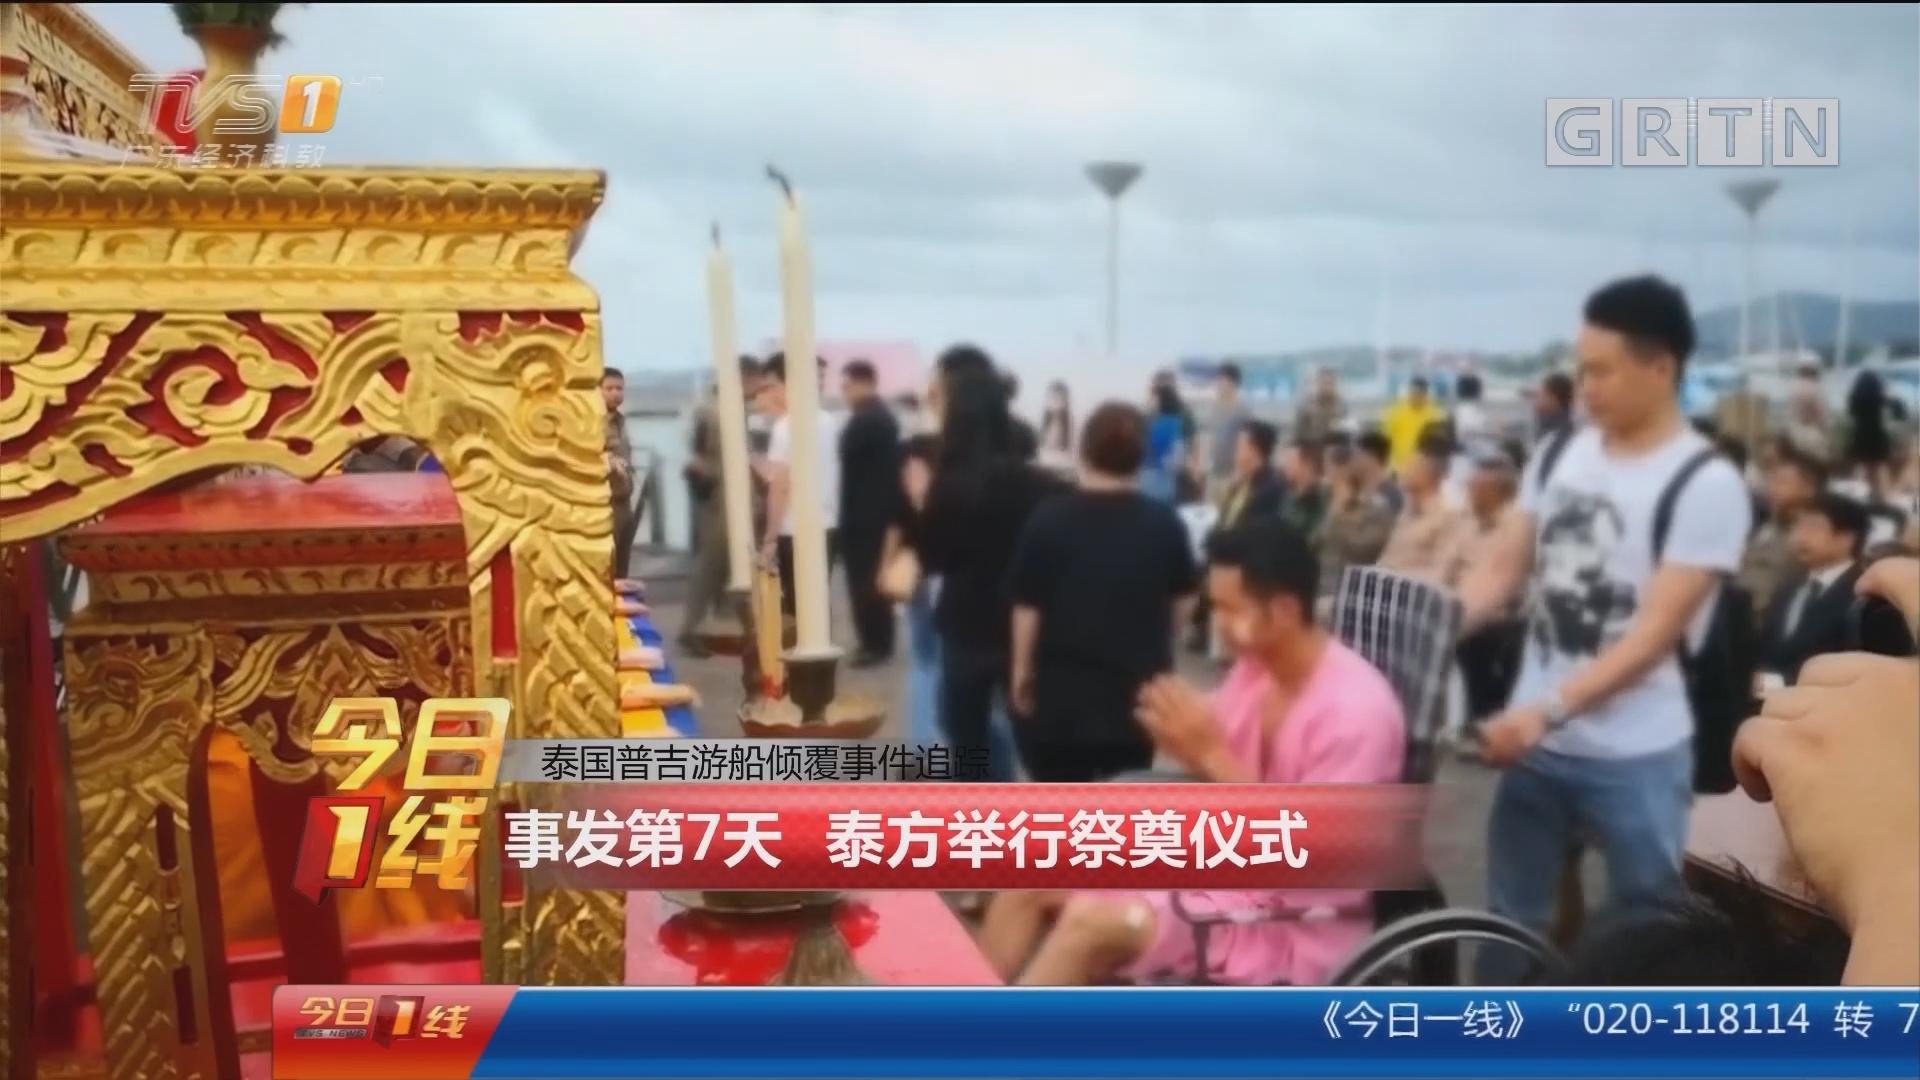 泰国普吉游船倾覆事件追踪:事发第7天 泰方举行祭奠仪式